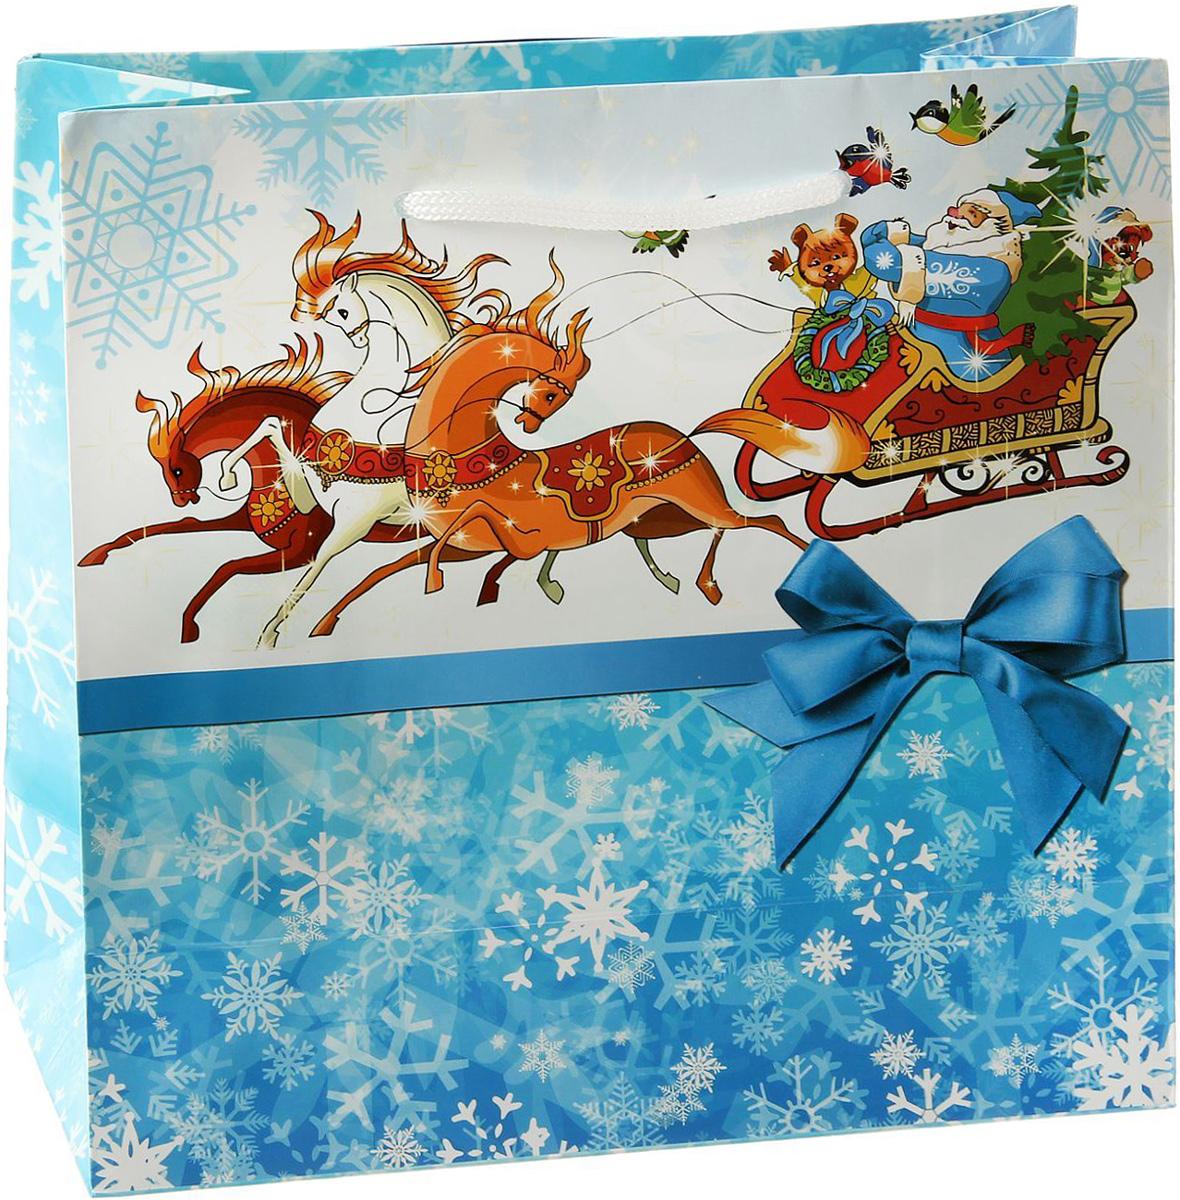 Пакет подарочный Sima-land Одеяло снежинок, 23 х 22,5 х 10 см1179508Сделанная своими руками оригинальная упаковка выделит презент из массы других, расскажет о ваших тёплых чувствах, наполнит праздник сказочной атмосферой. Благодаря нашему набору для творчества сделать её не составит труда! Следуйте инструкции, и вы легко создадите яркую, привлекающую внимание коробочку.